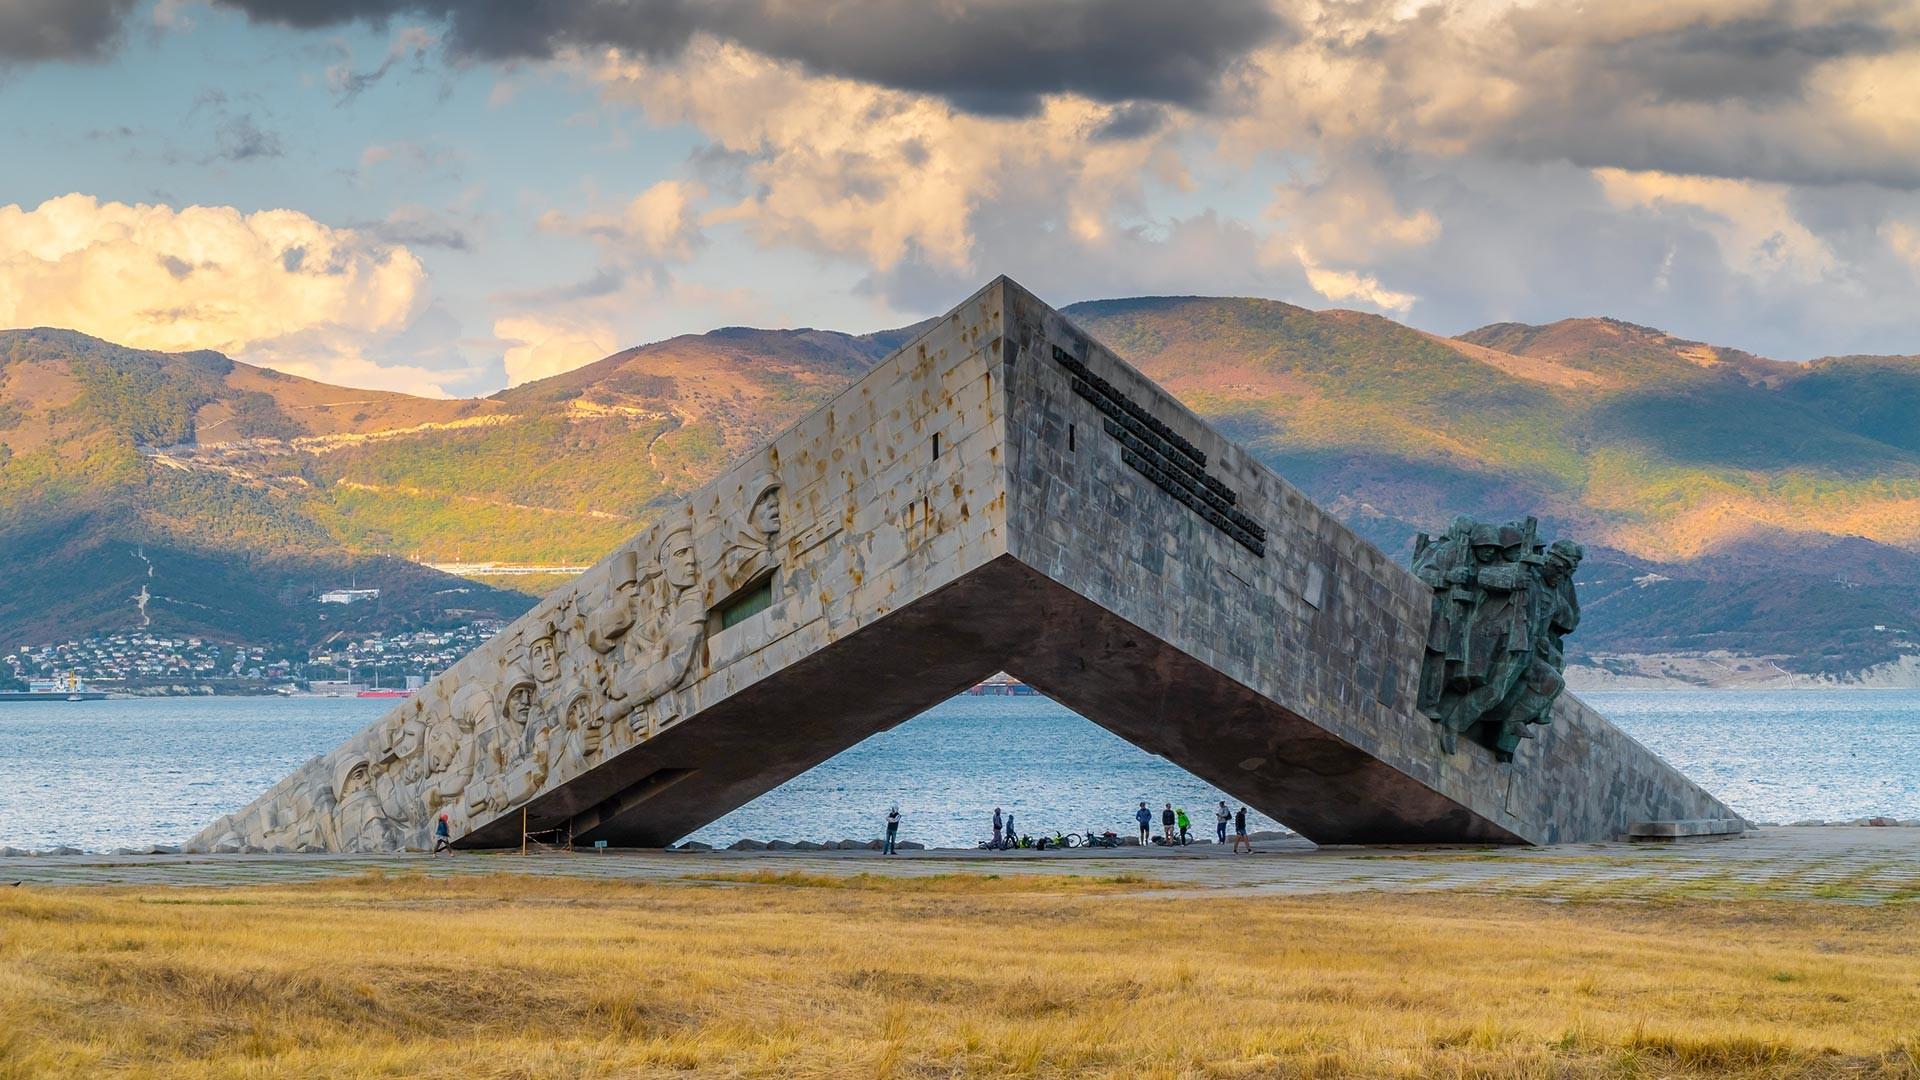 マラヤ・ゼムリヤー(小さな土地)の防衛者記念碑